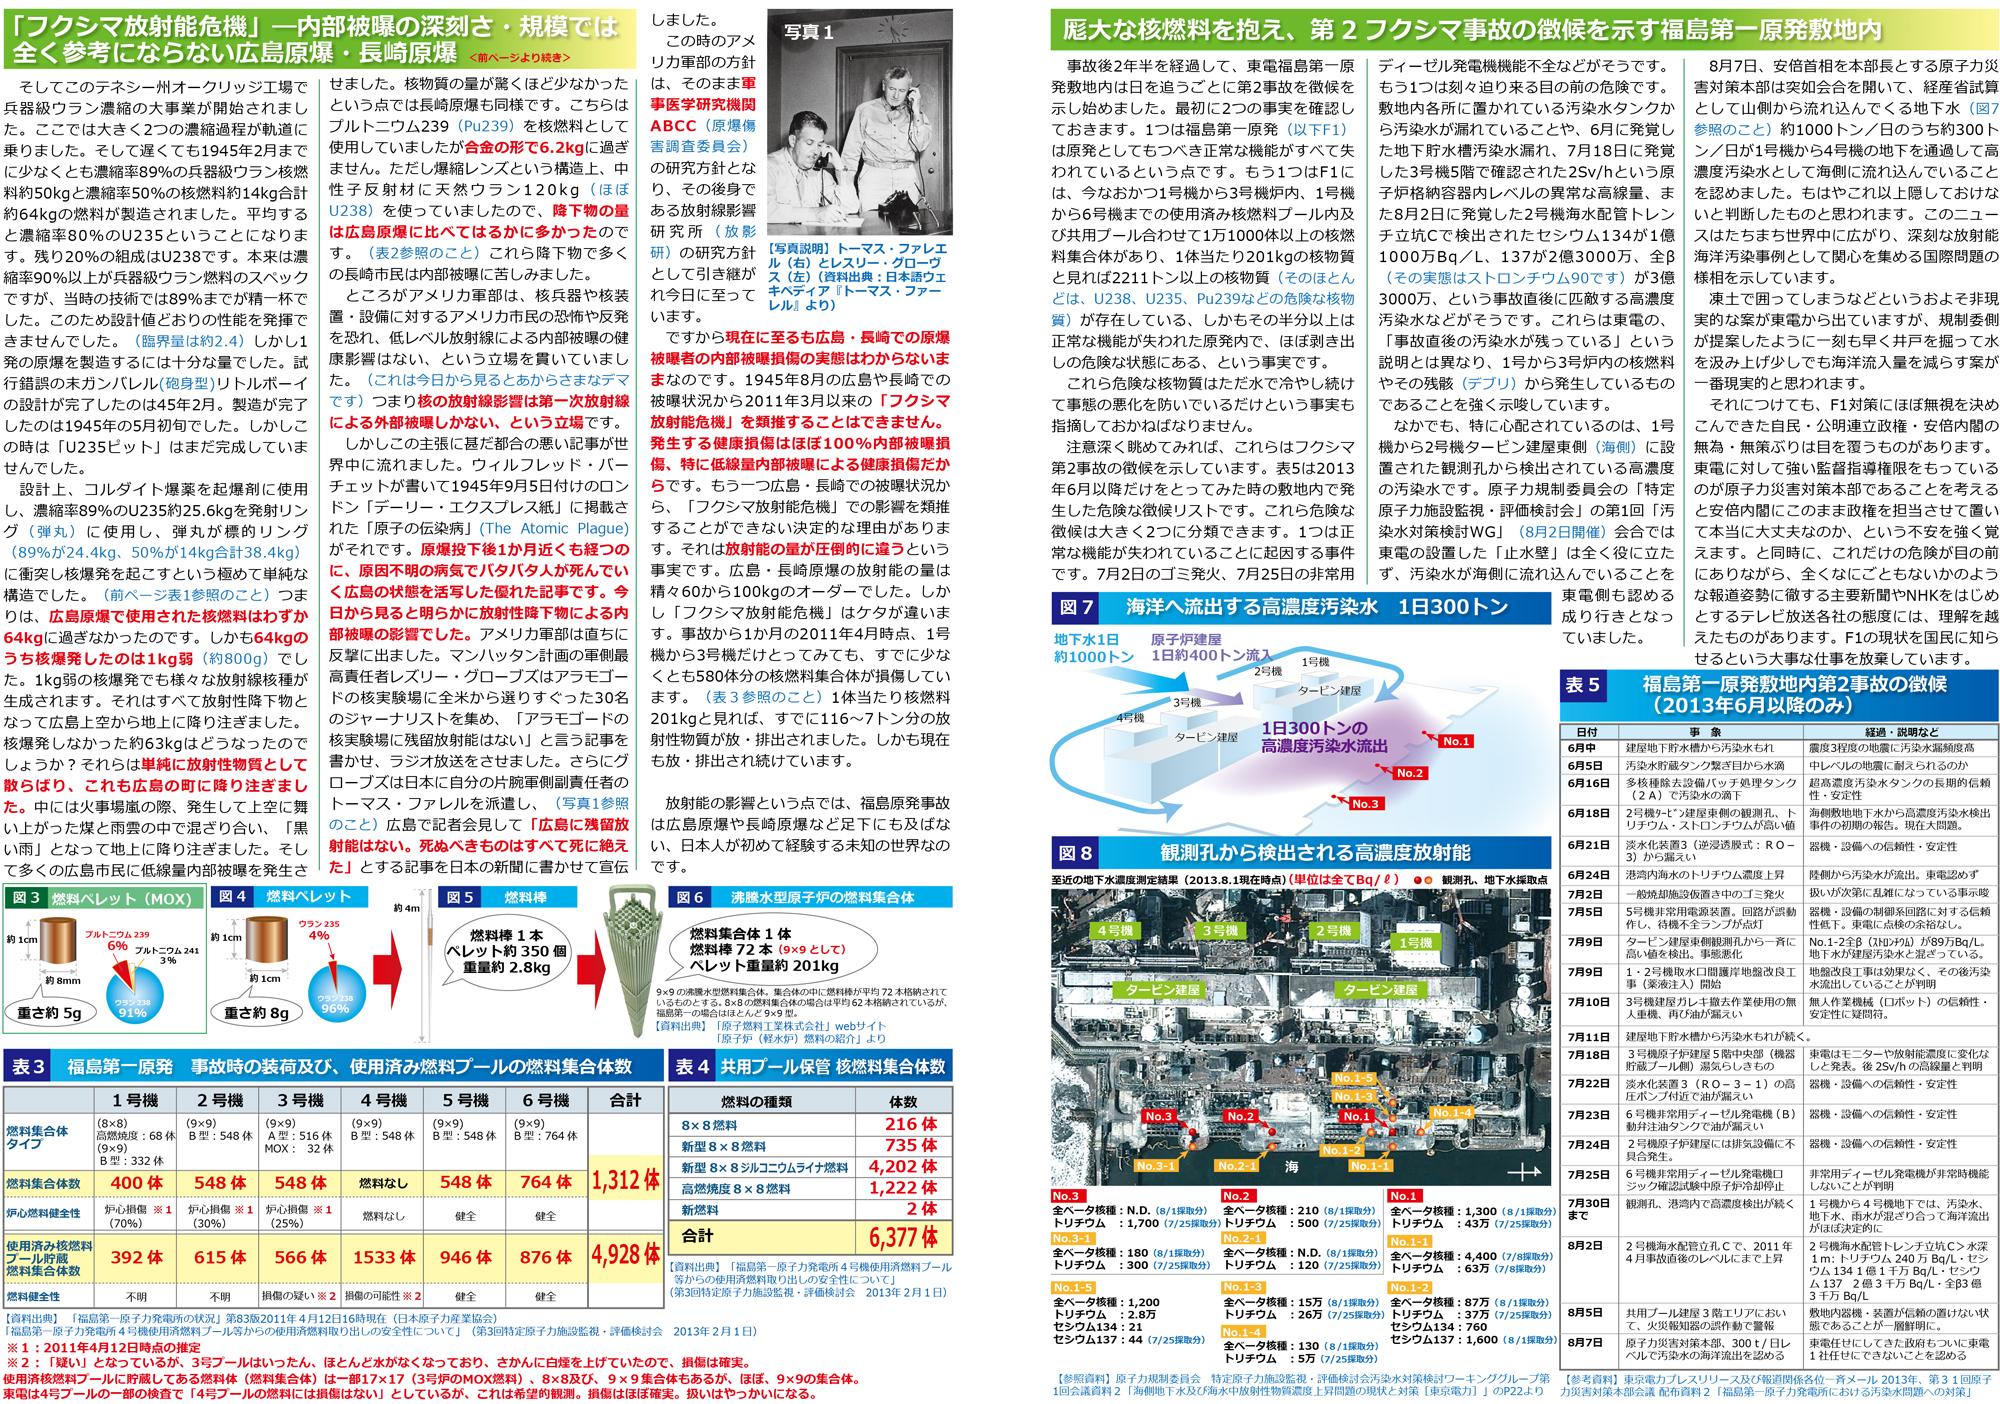 ファイル 182-2.jpg